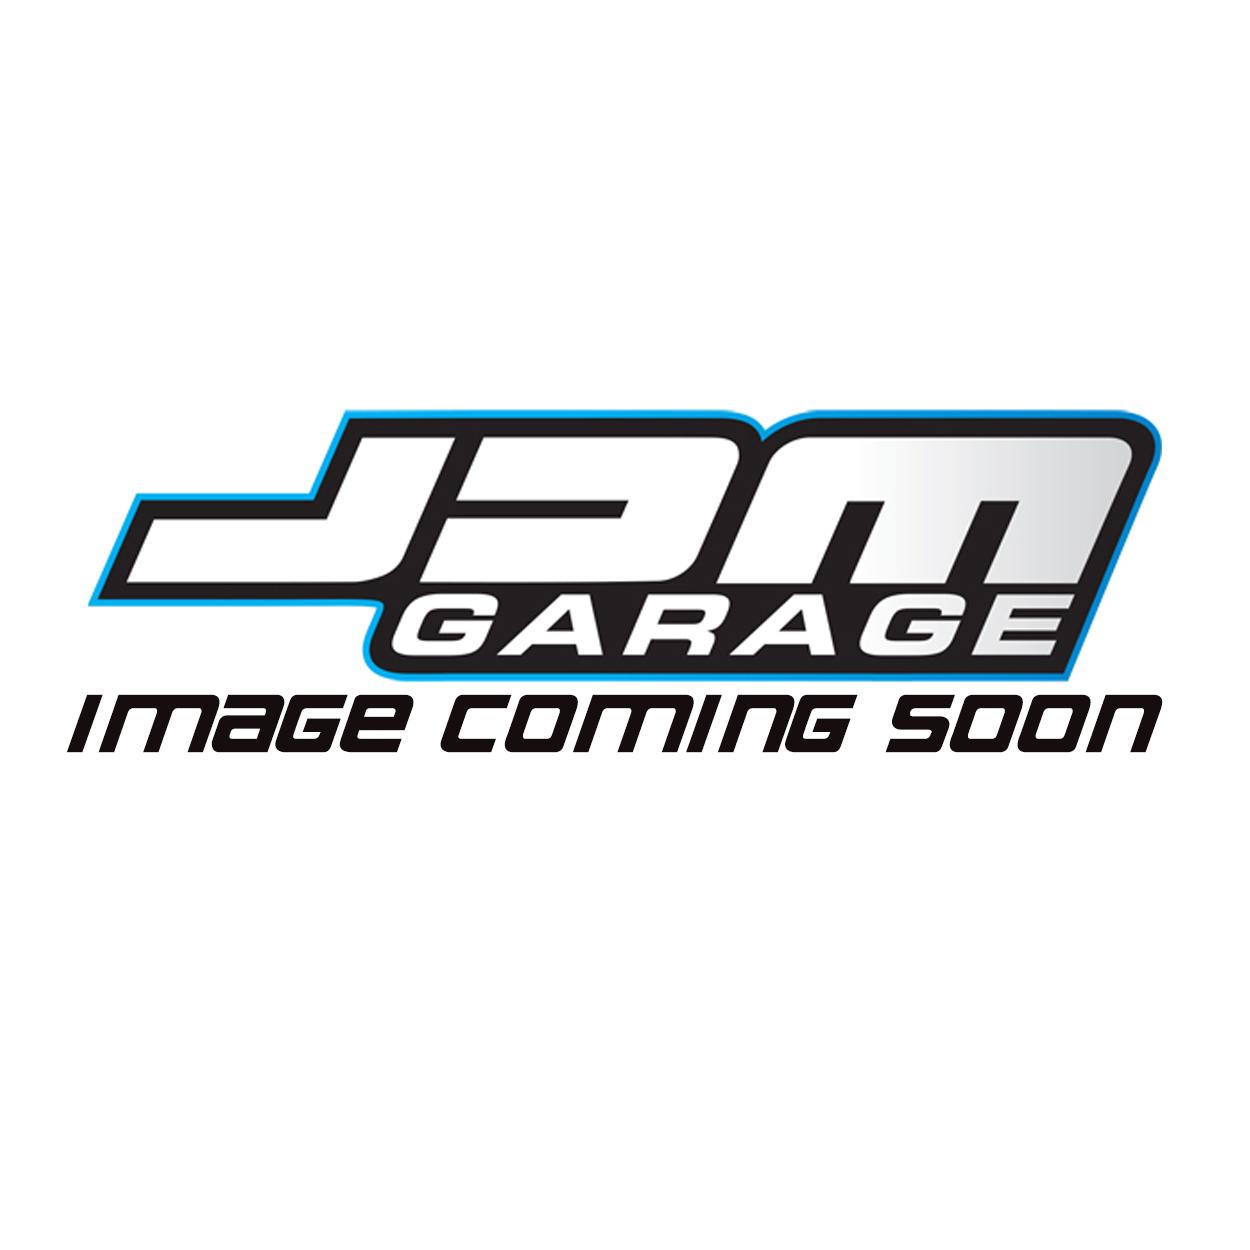 Hawk Rear Brake Pads Fits Mitsubishi Lancer Evolution Evo 5 V 6 VI 7 VII 8 VIII 9 IX GSR 4G63